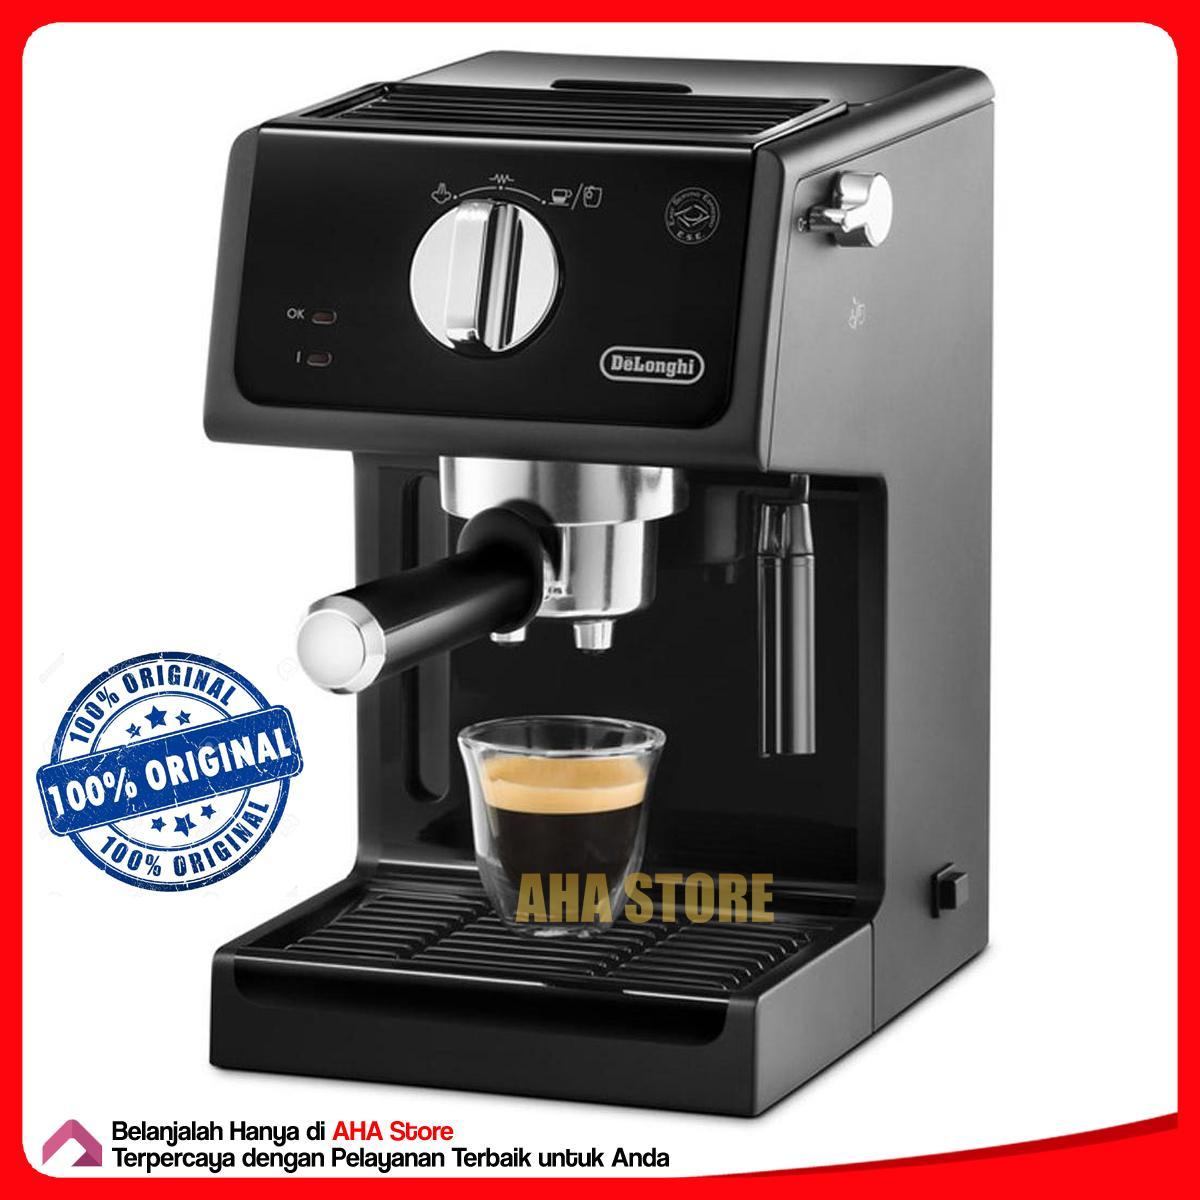 Delonghi Coffee Maker Mesin Kopi Espresso ECP 31.21